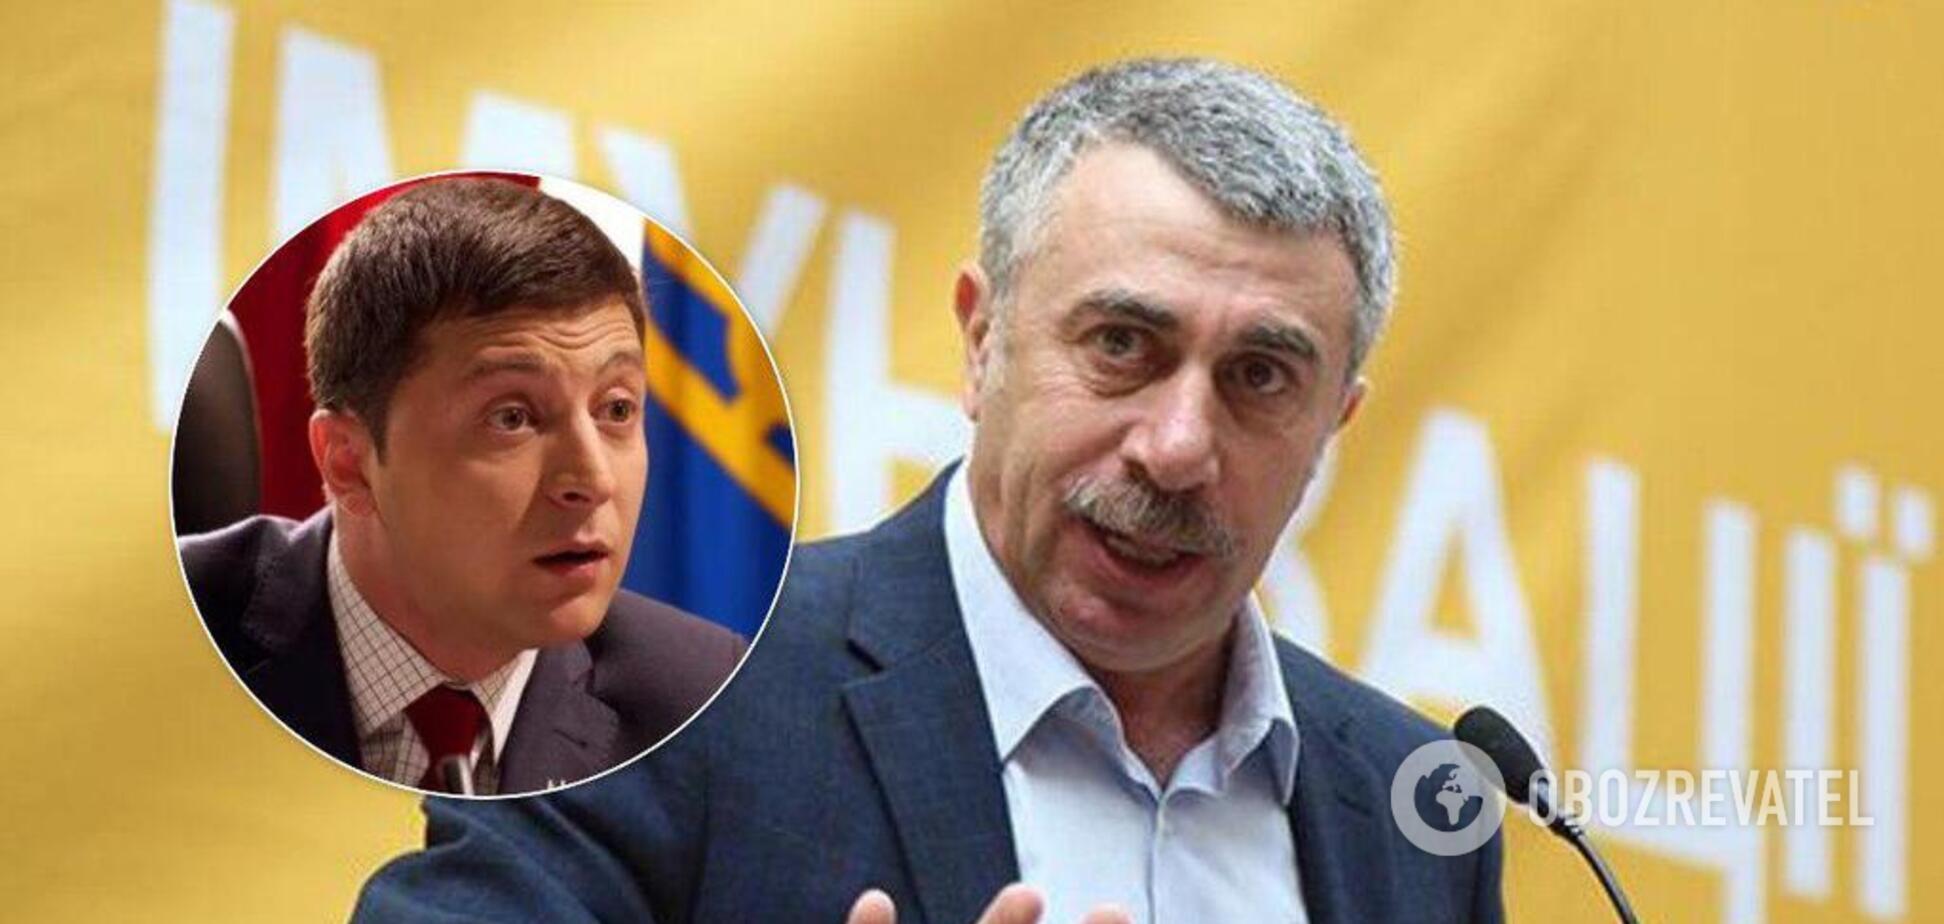 Комаровський відповів на чутки про призначення міністром охорони здоров'я